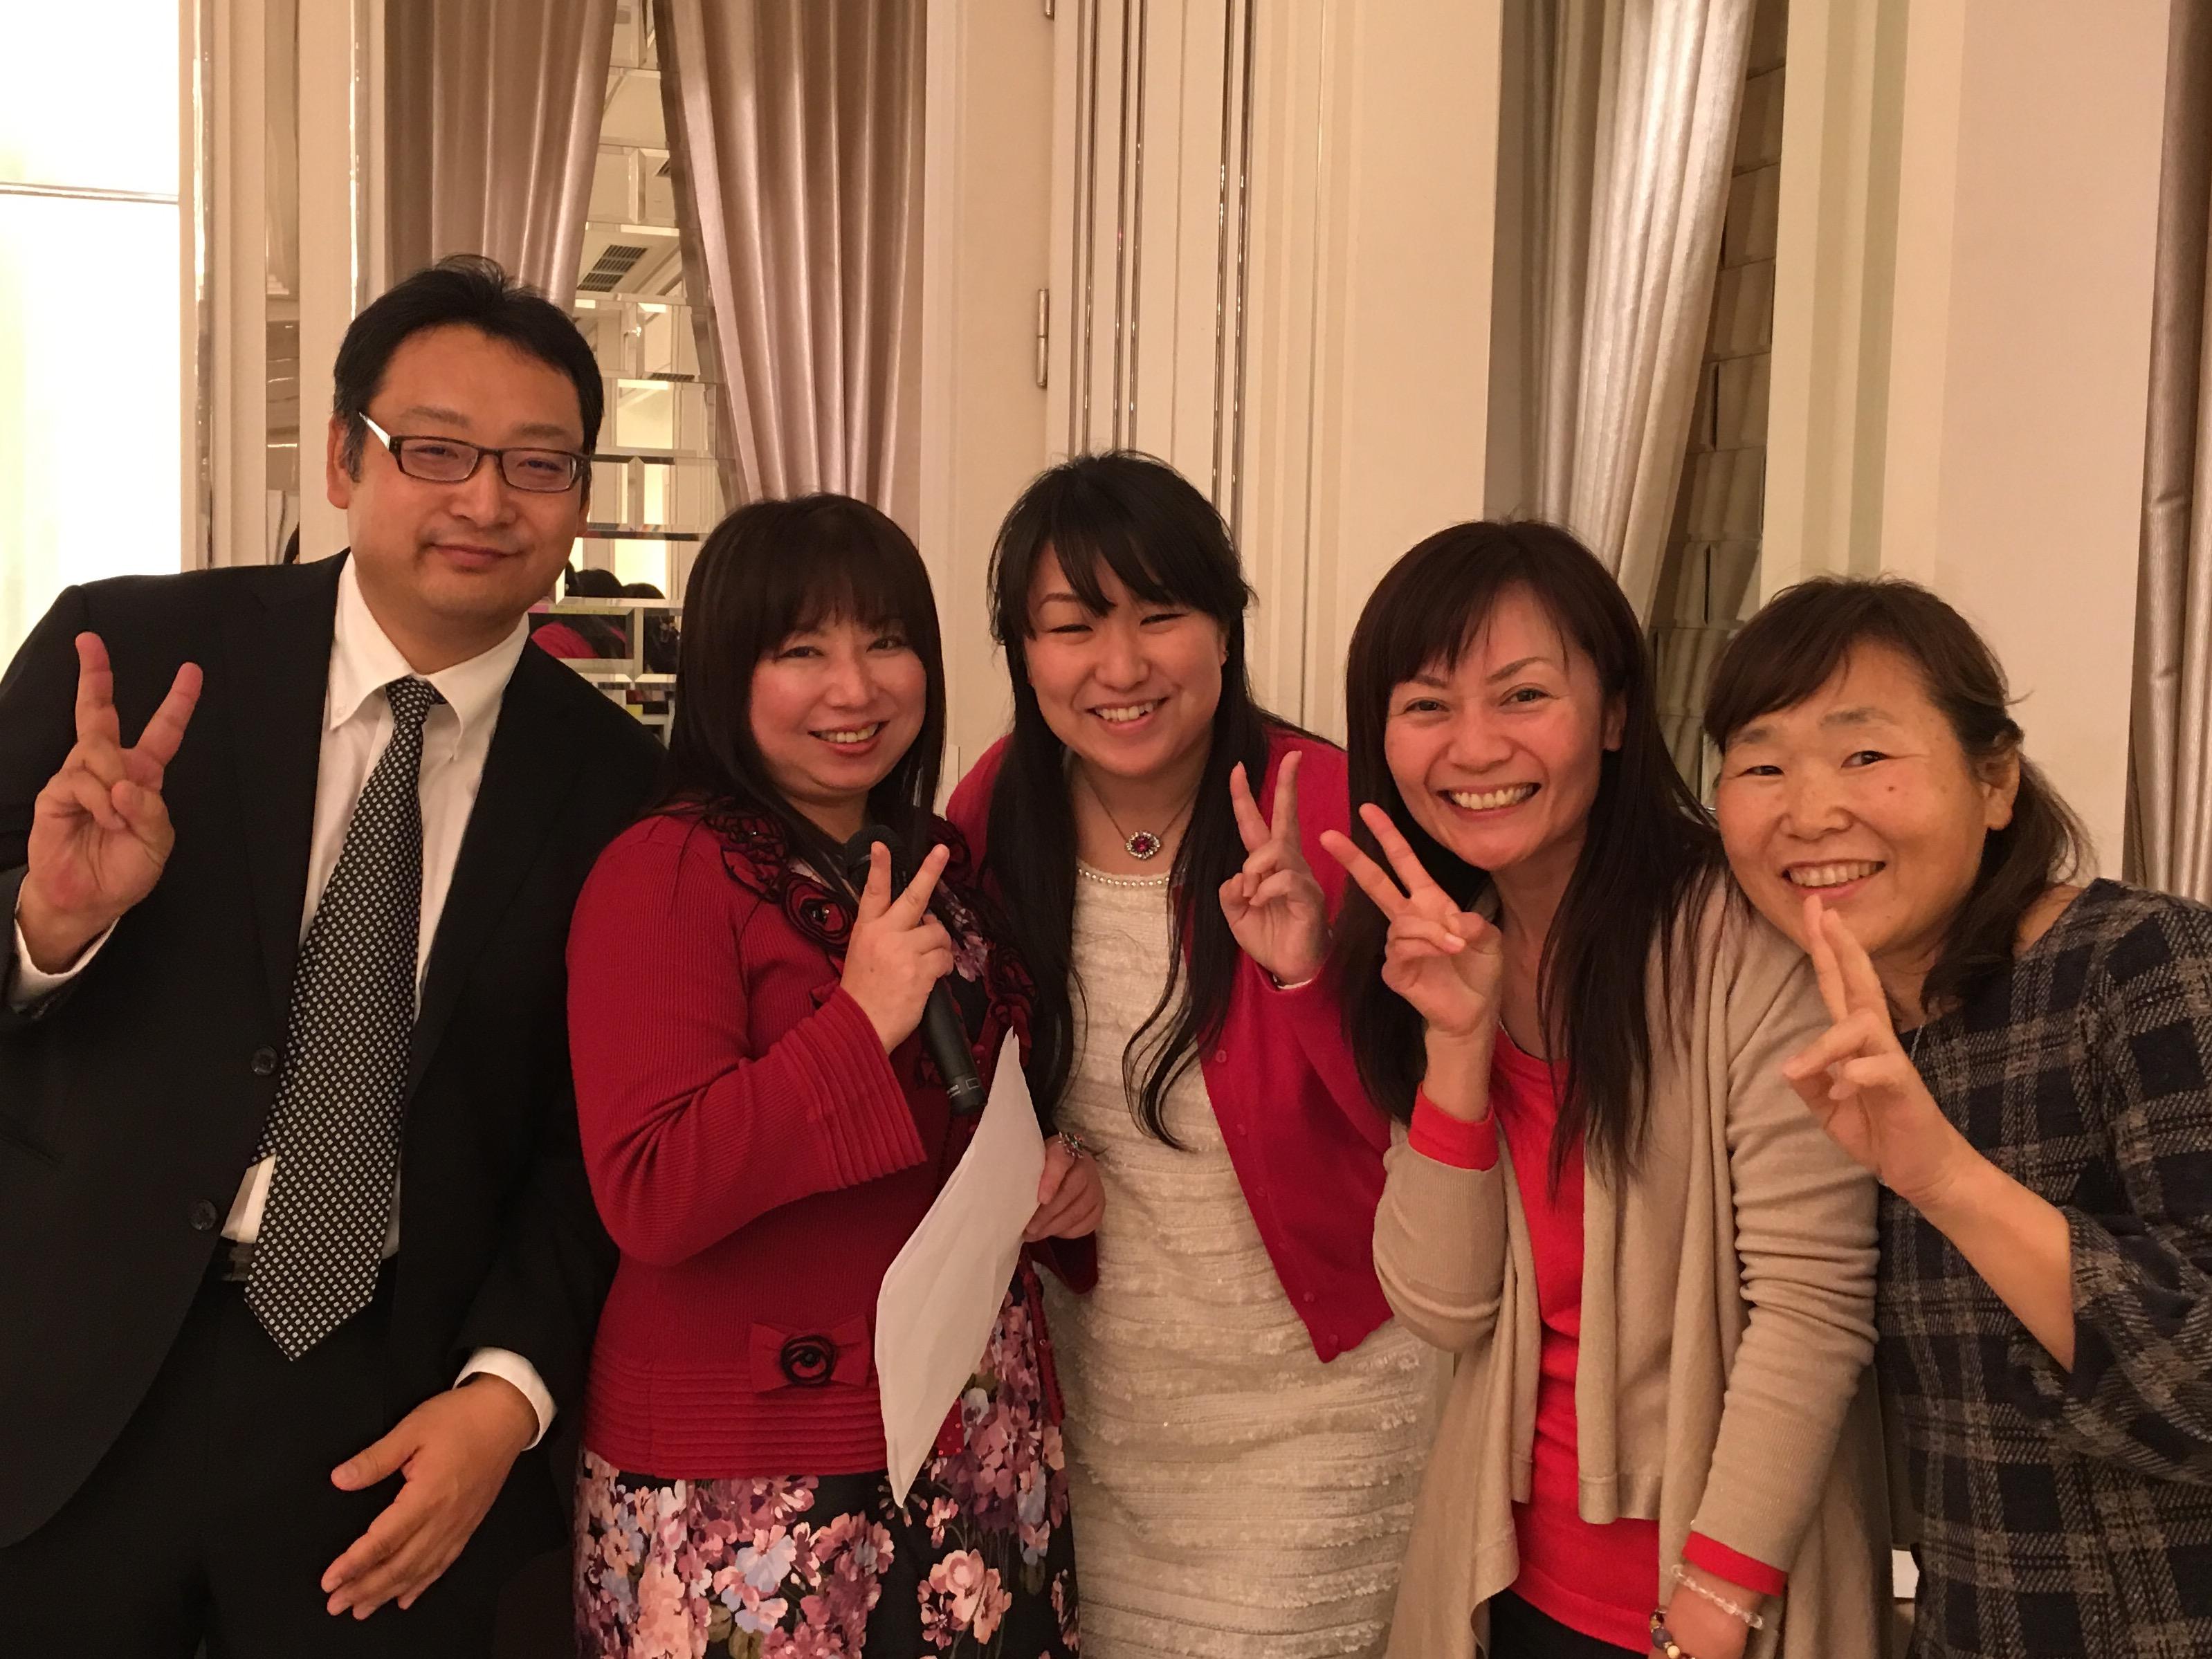 感謝祭の総合プロデュース 内田真理さんと愉快な仲間たち?? あったかい?想いいっぱいありがとう〜?